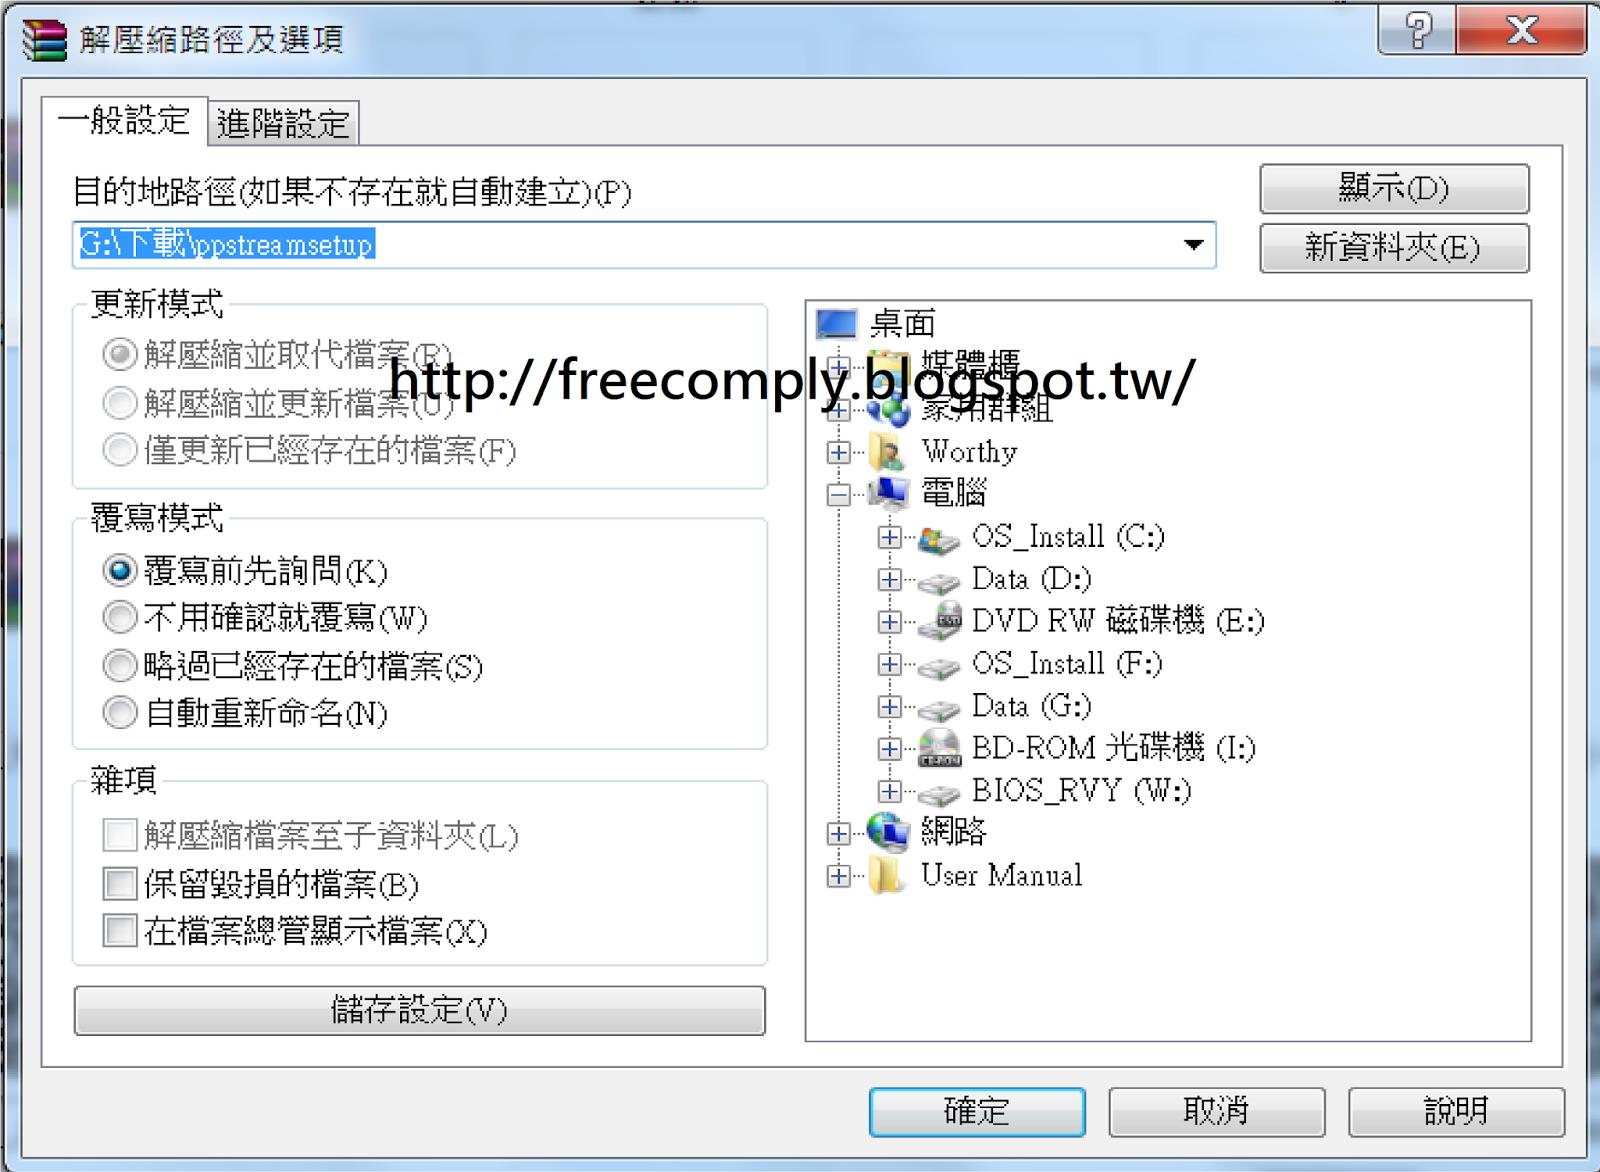 免費軟體資訊: winrar 解壓縮程式 繁體中文版下載